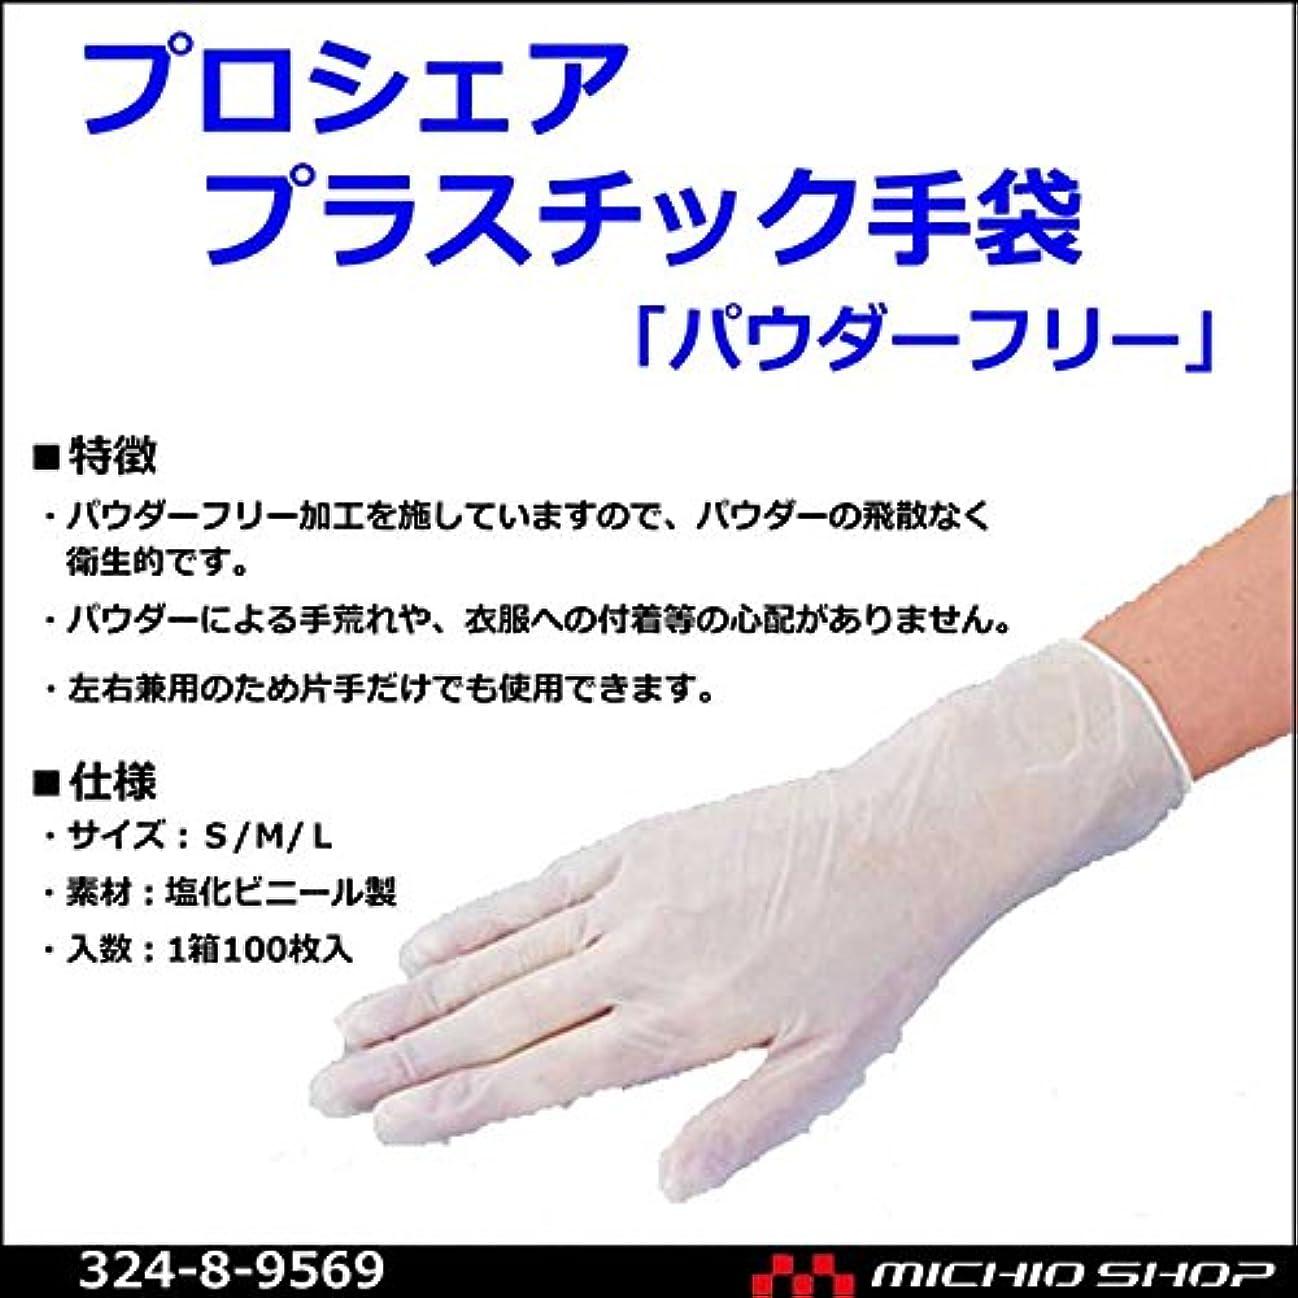 栄光ずんぐりした原稿アズワン プロシェアプラスチック手袋 100枚入 8-9569 02 M